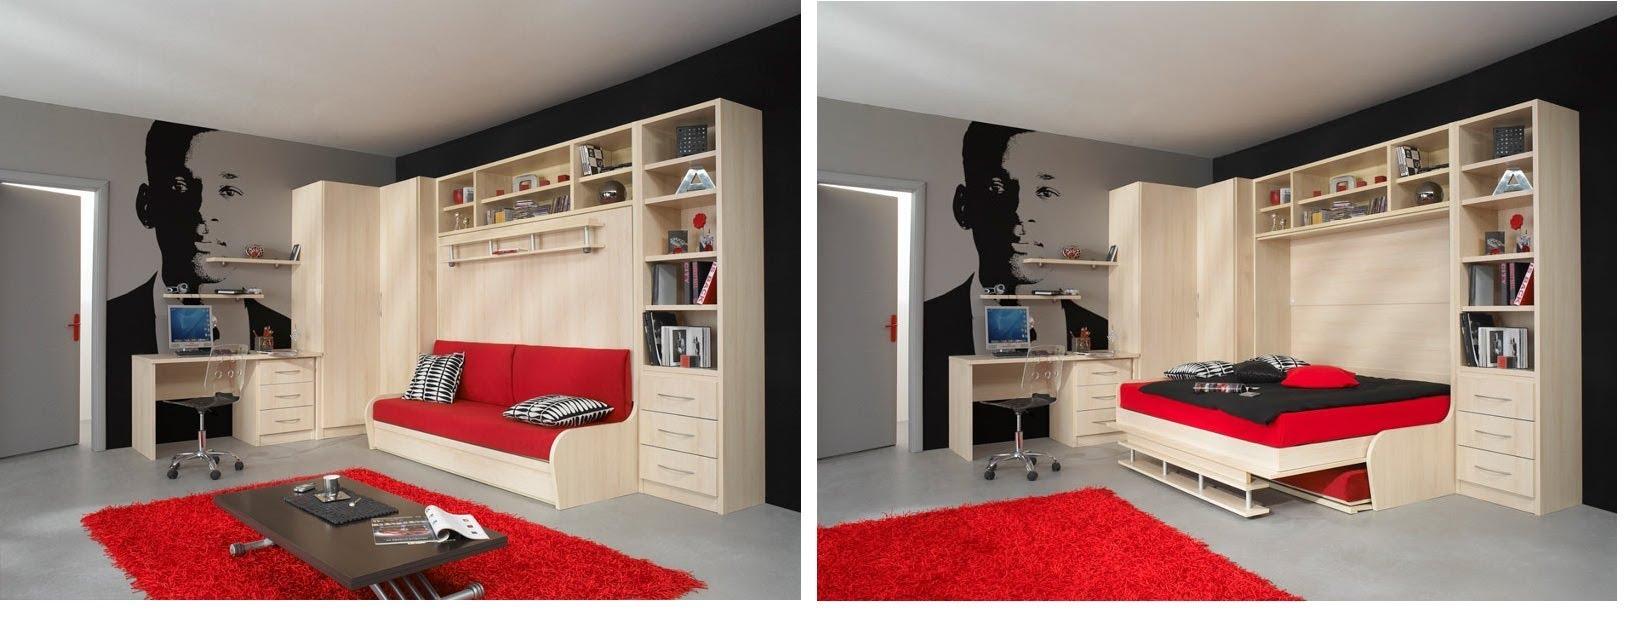 Шкаф диван кровать трасформер